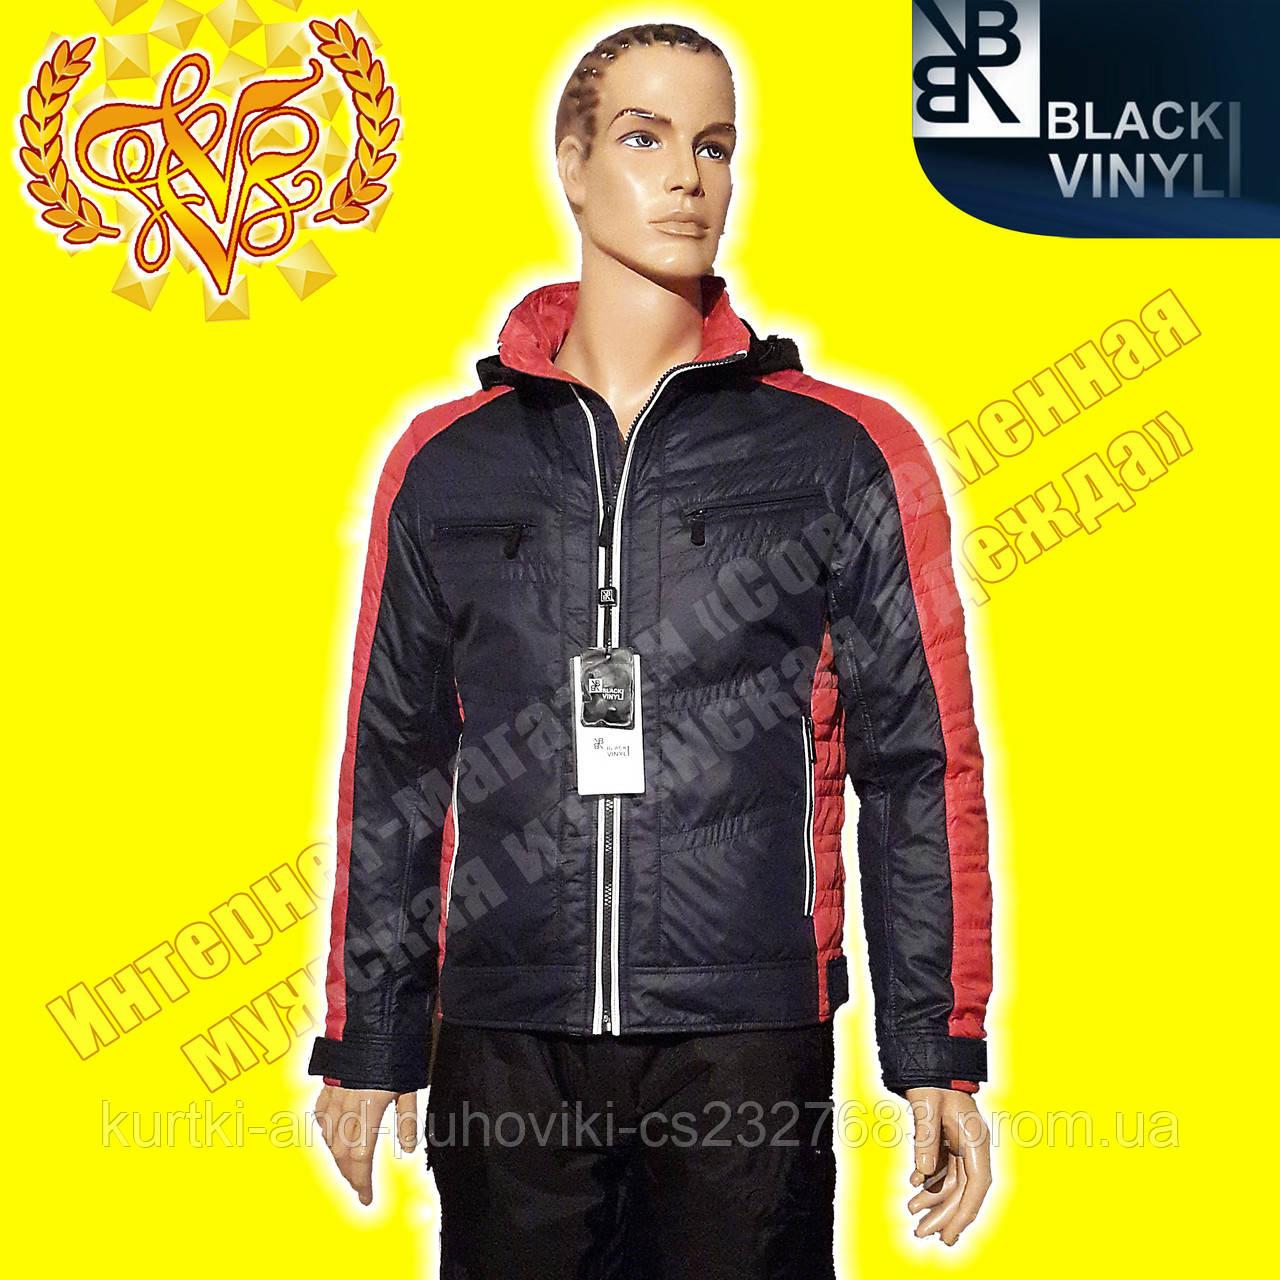 f4cb61ad1f2 Демисезонные мужские куртки - Интернет-магазин «Современная мужская и  женская одежда» в Черновцах